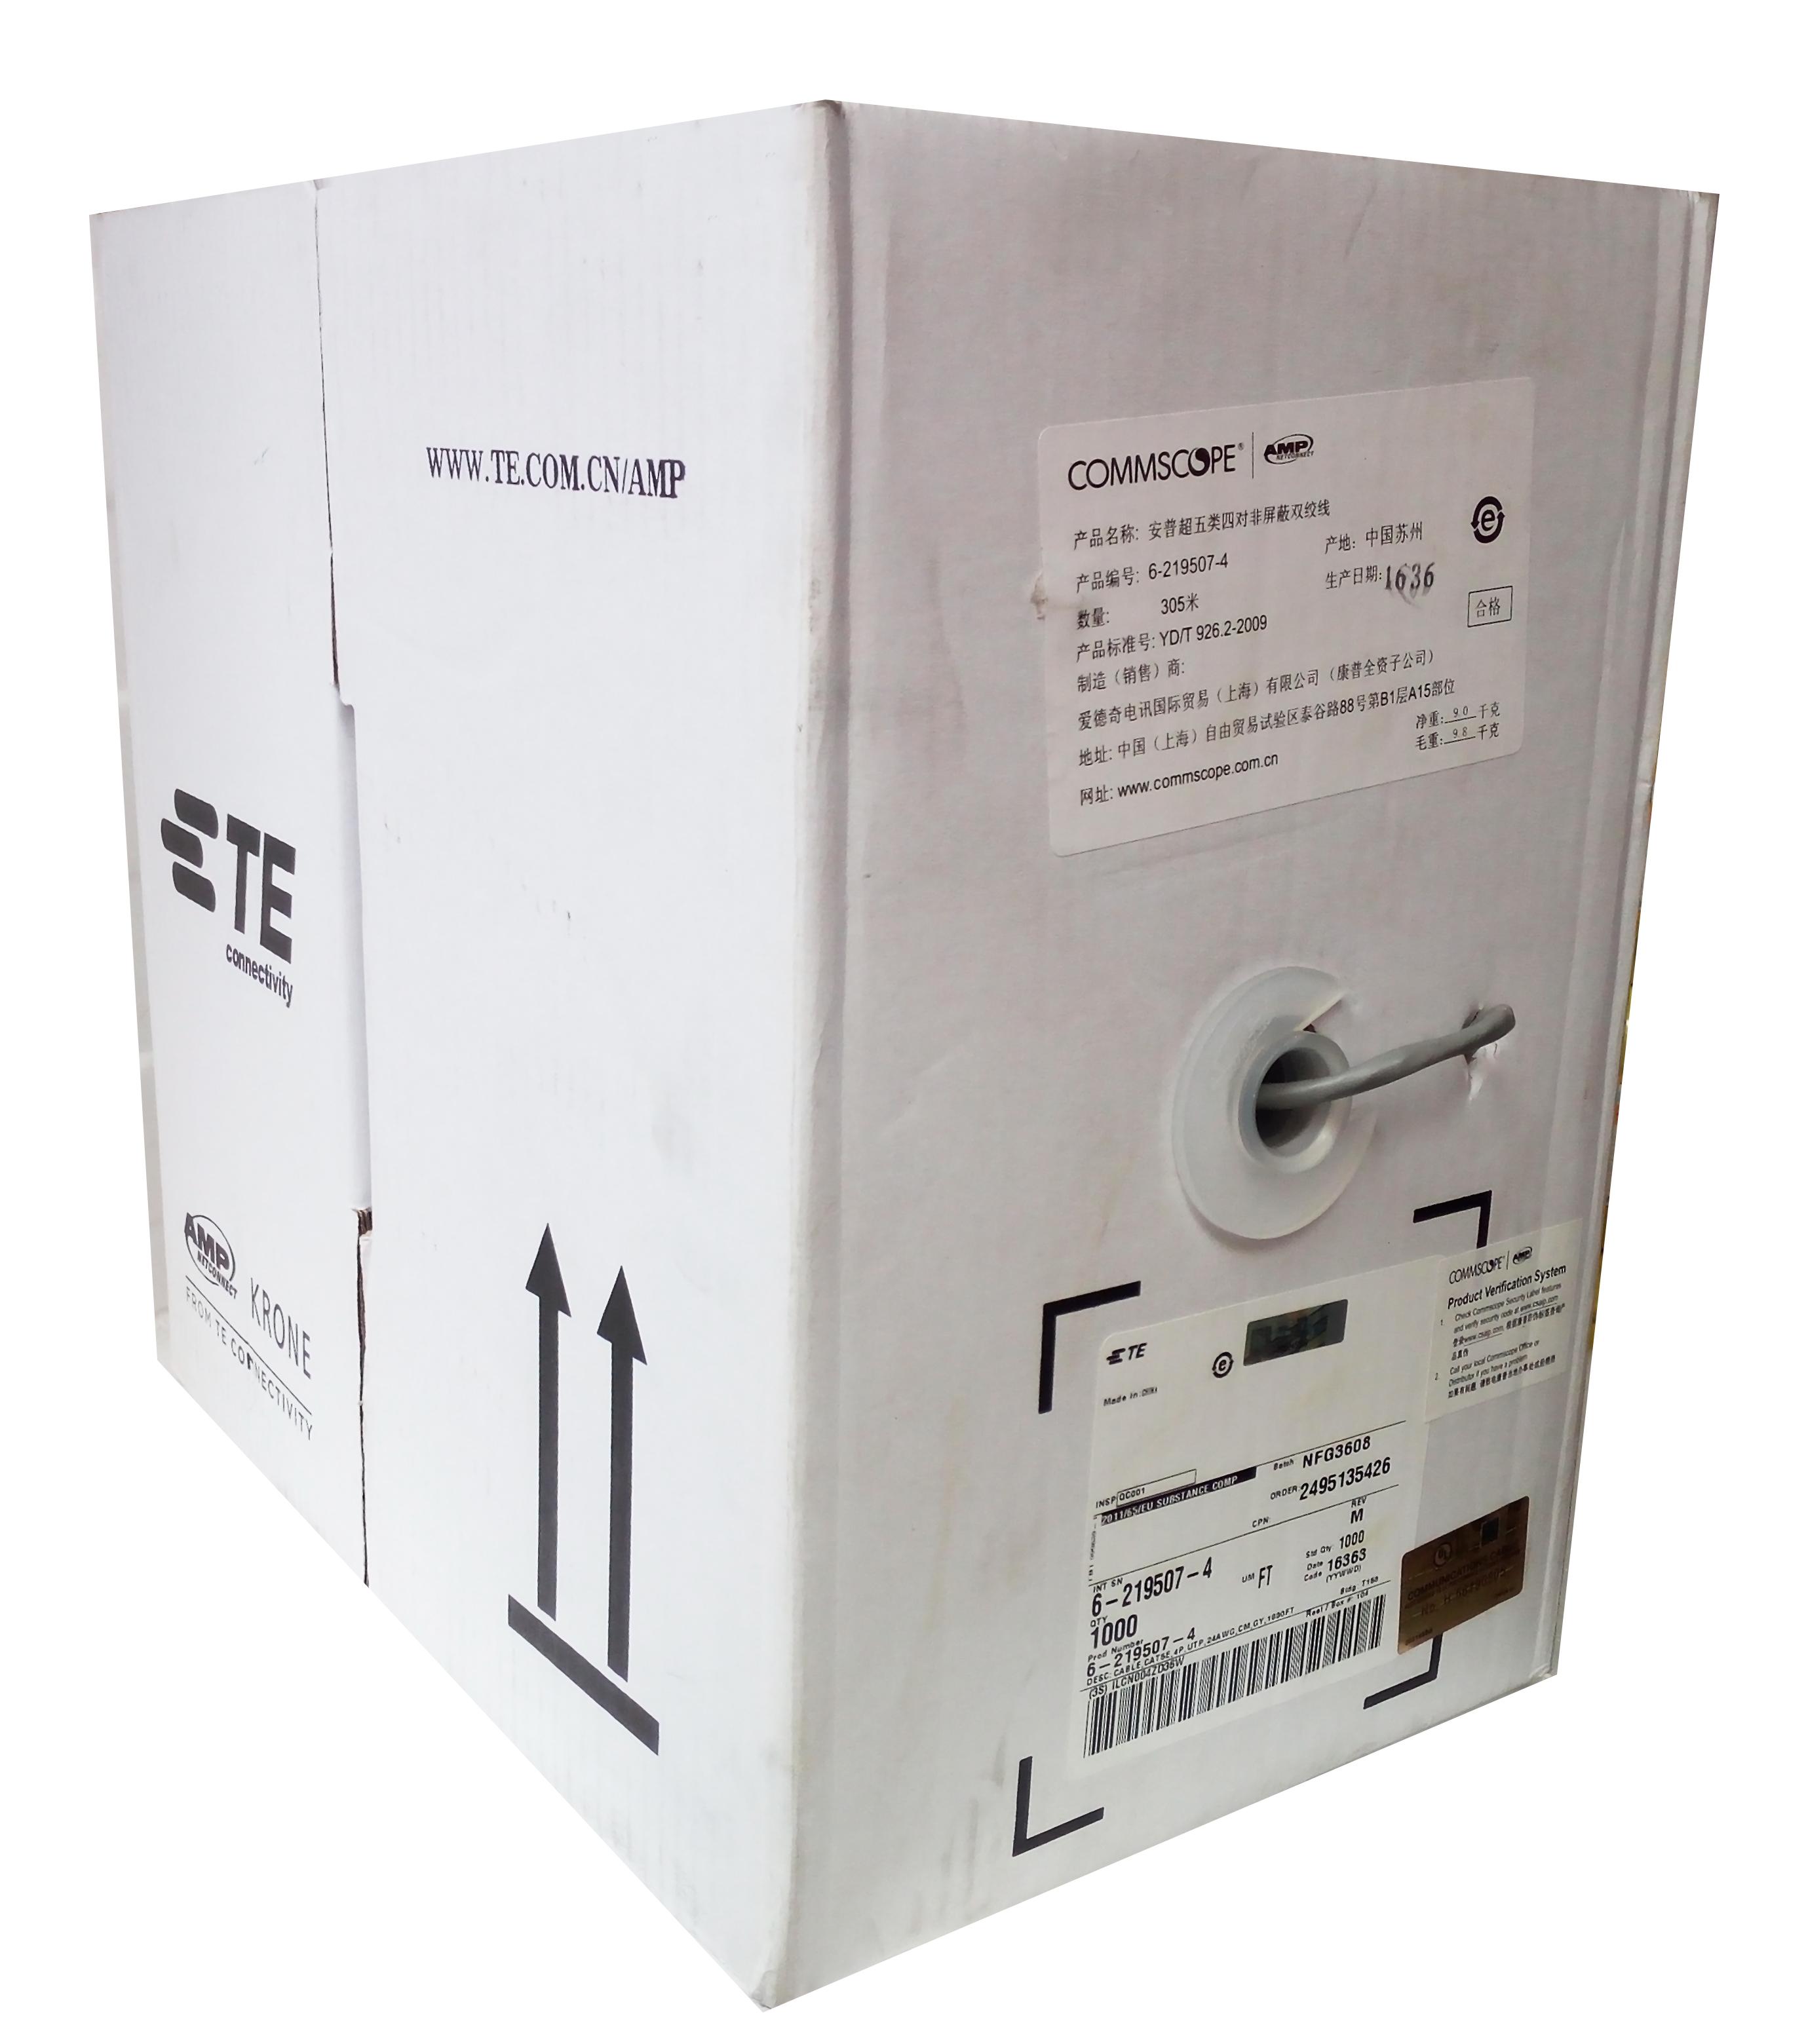 安普超五类��蔽网线白箱